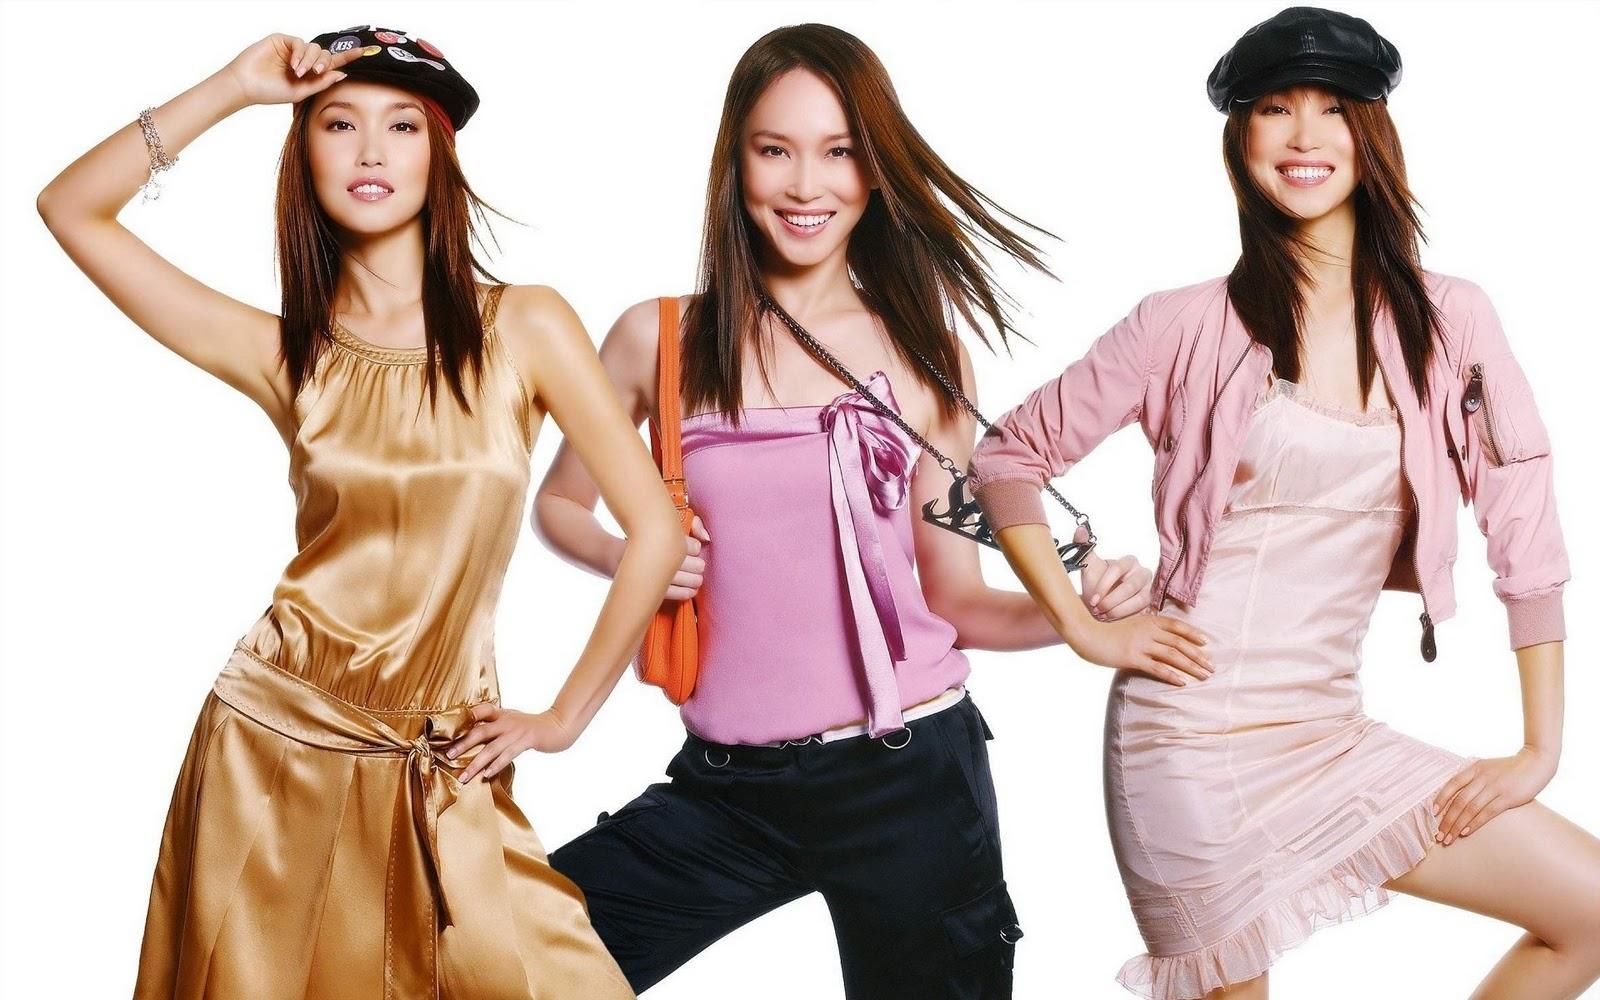 Представлять женщин в одежде и без онлайн 13 фотография